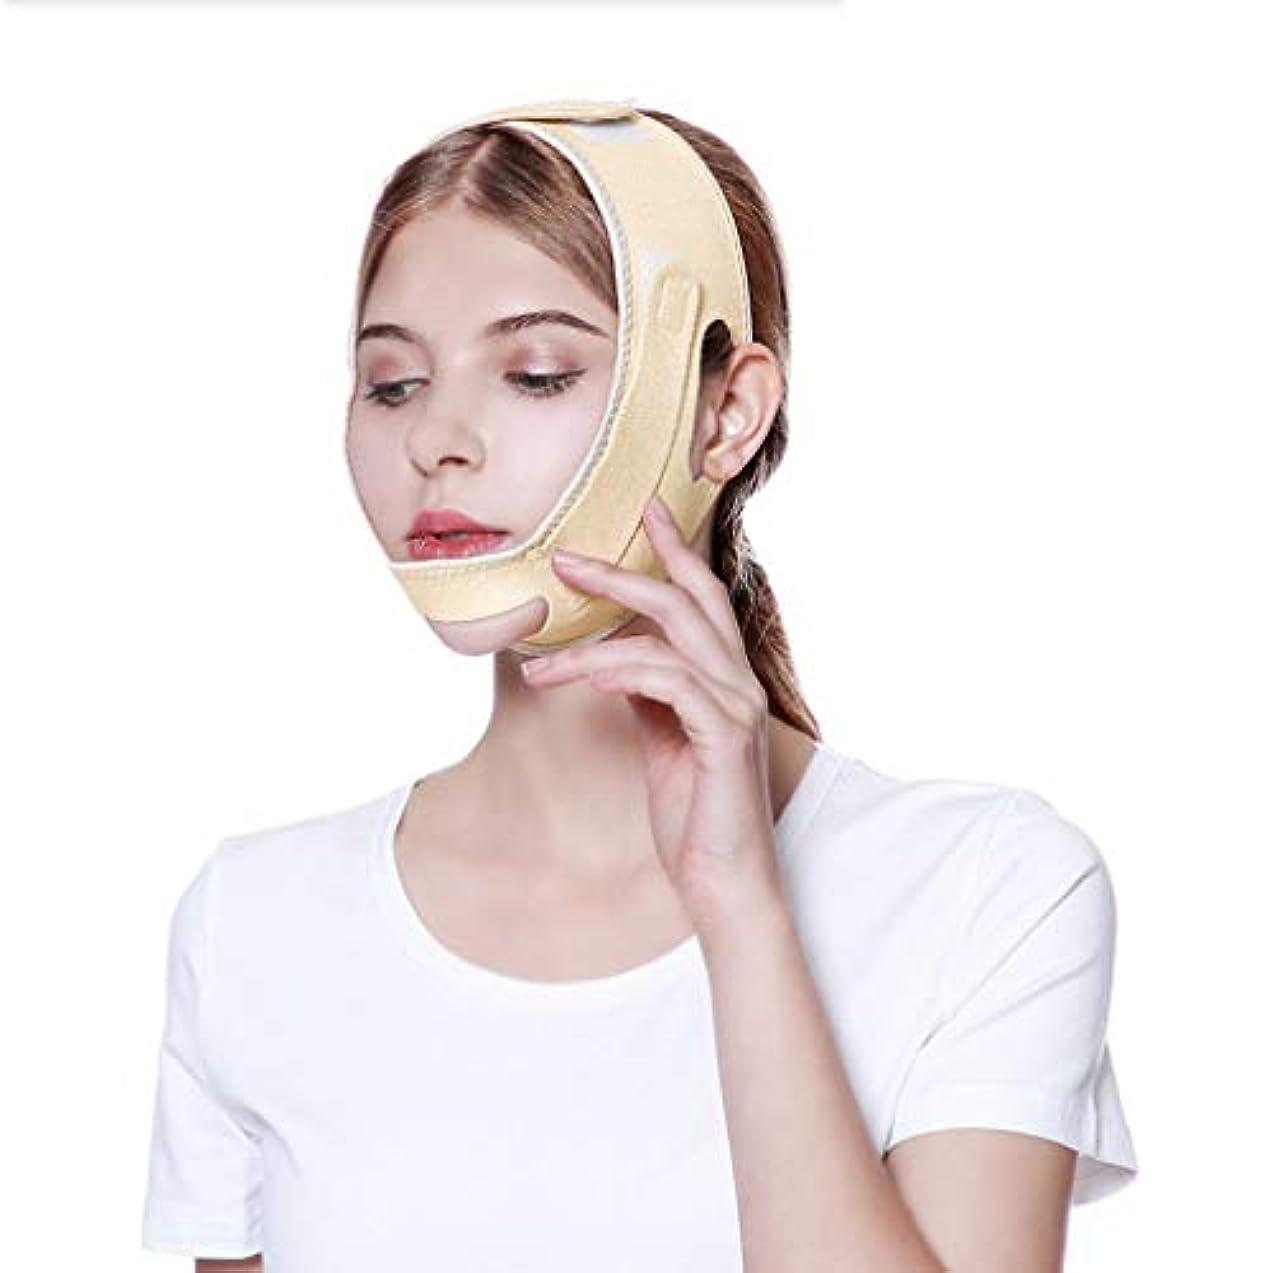 顔面重量損失顔包帯 v 顔楽器顔ツールマスクライン彫刻手術回復ヘッドギアダブルあご